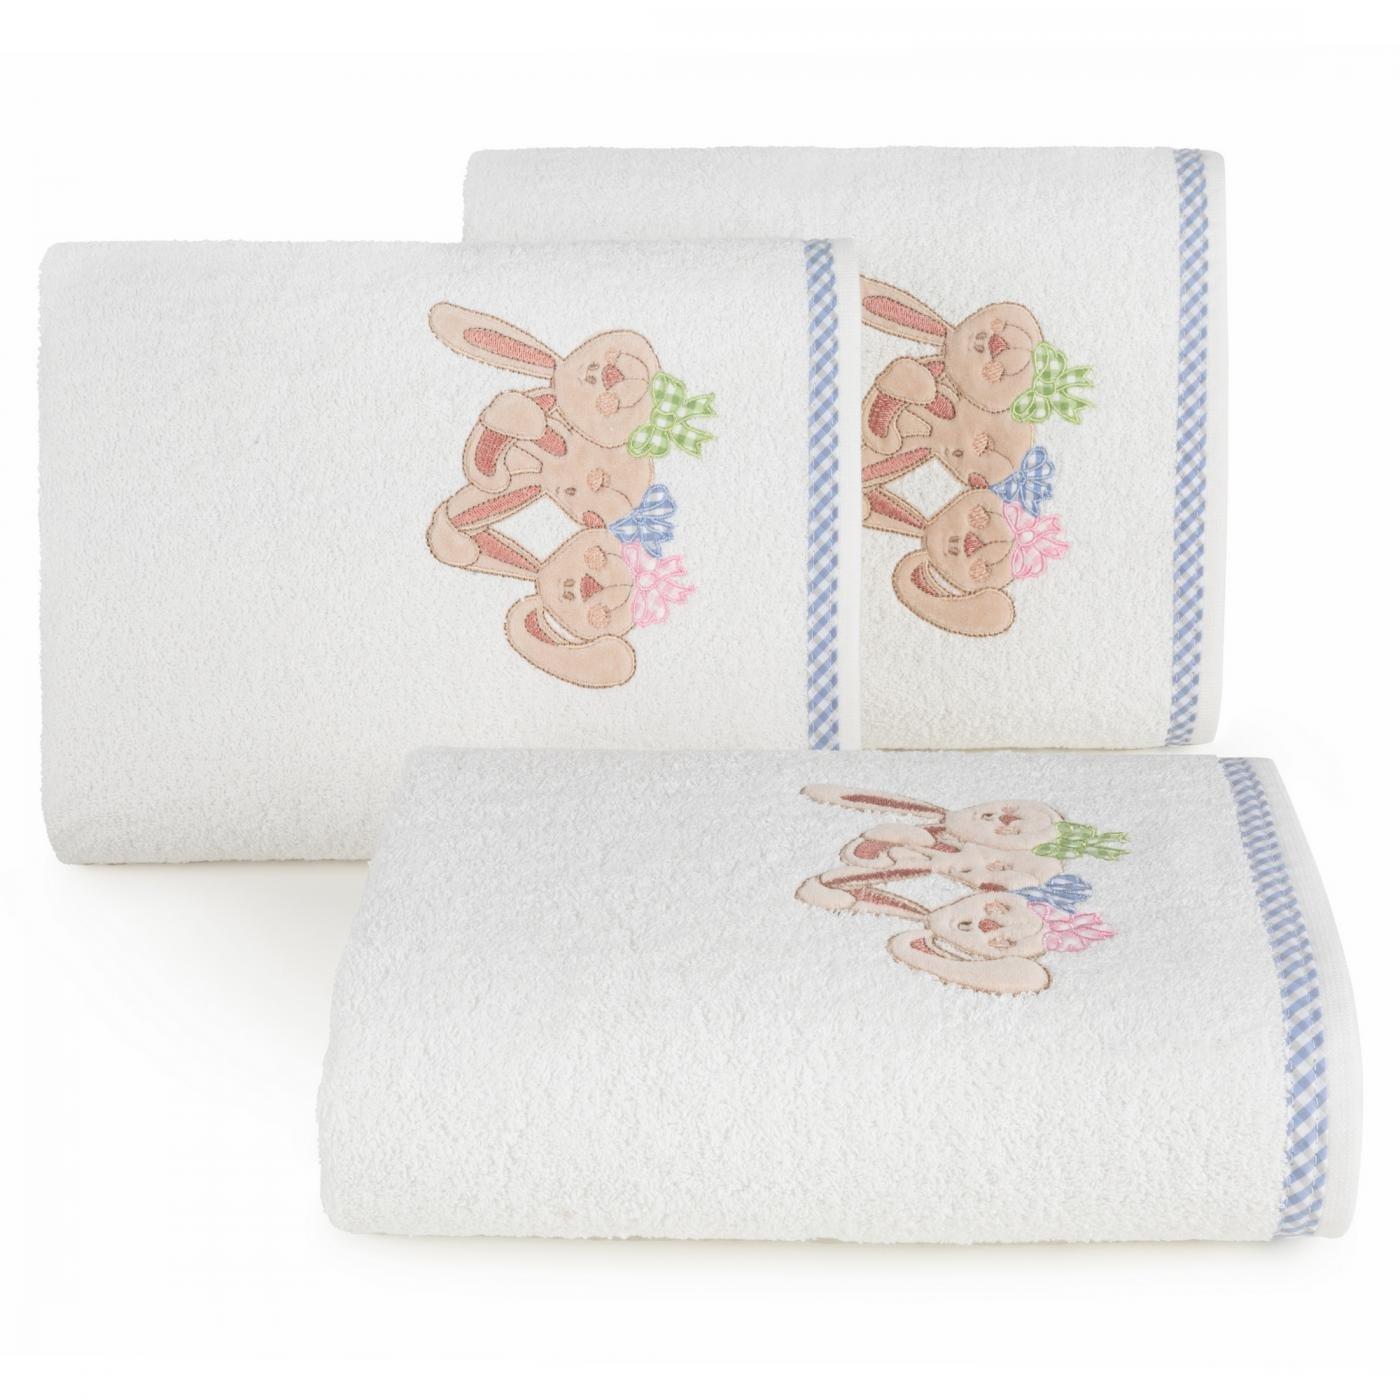 Dziecięcy ręcznik z króliczkami niebieski 50x90 cm